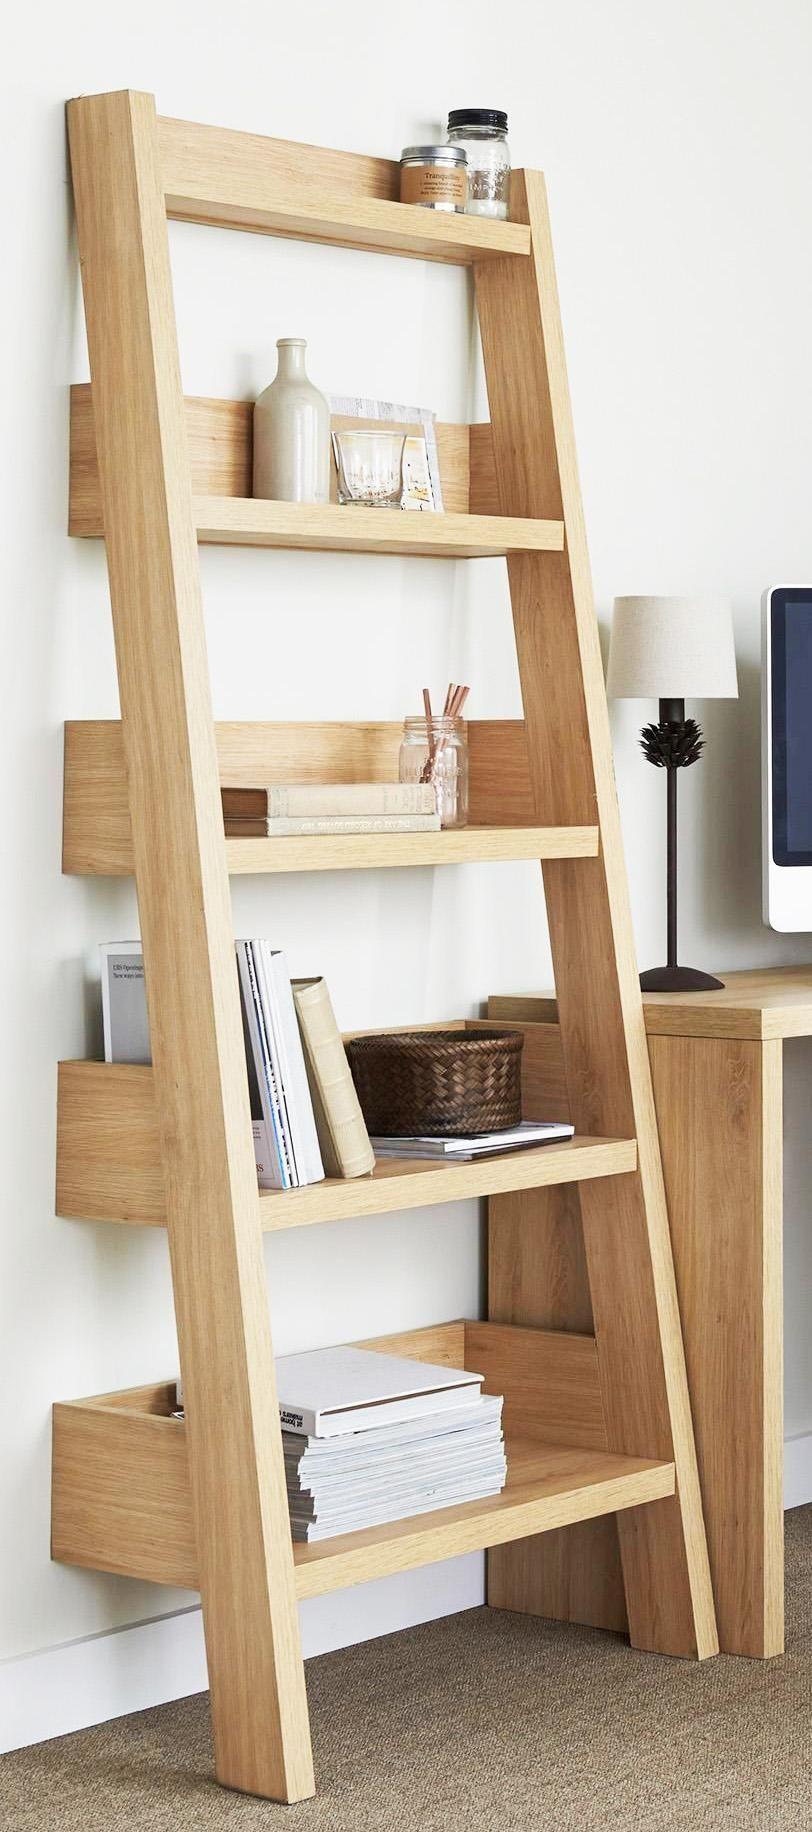 Scala Di Legno Decorativa librerie in legno da parete a forma di scala   casa fai da